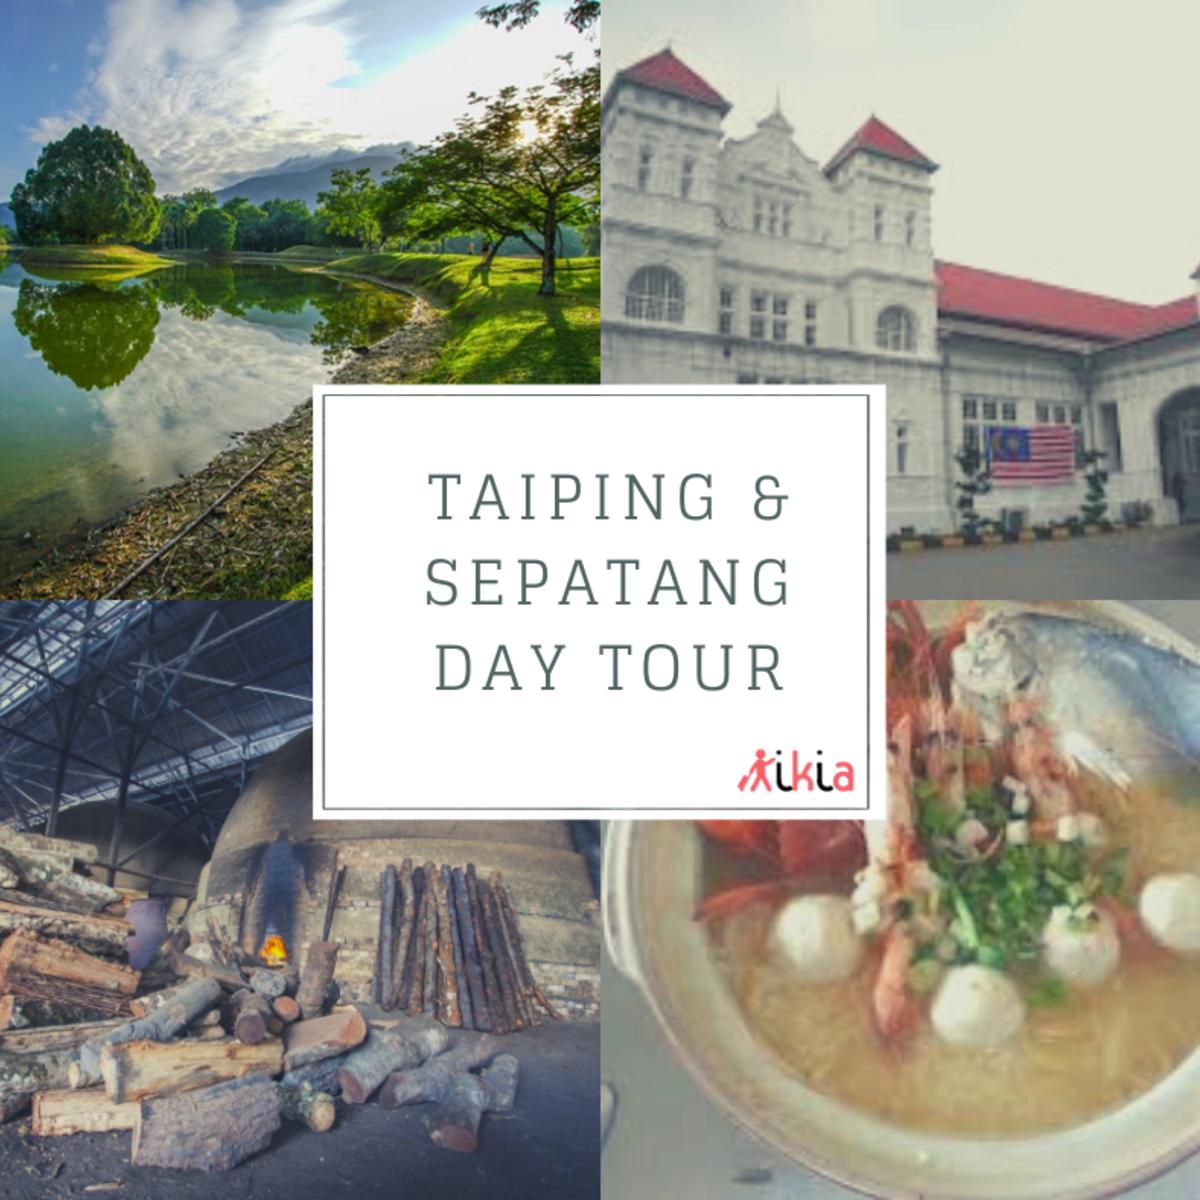 Taiping day tour kikia